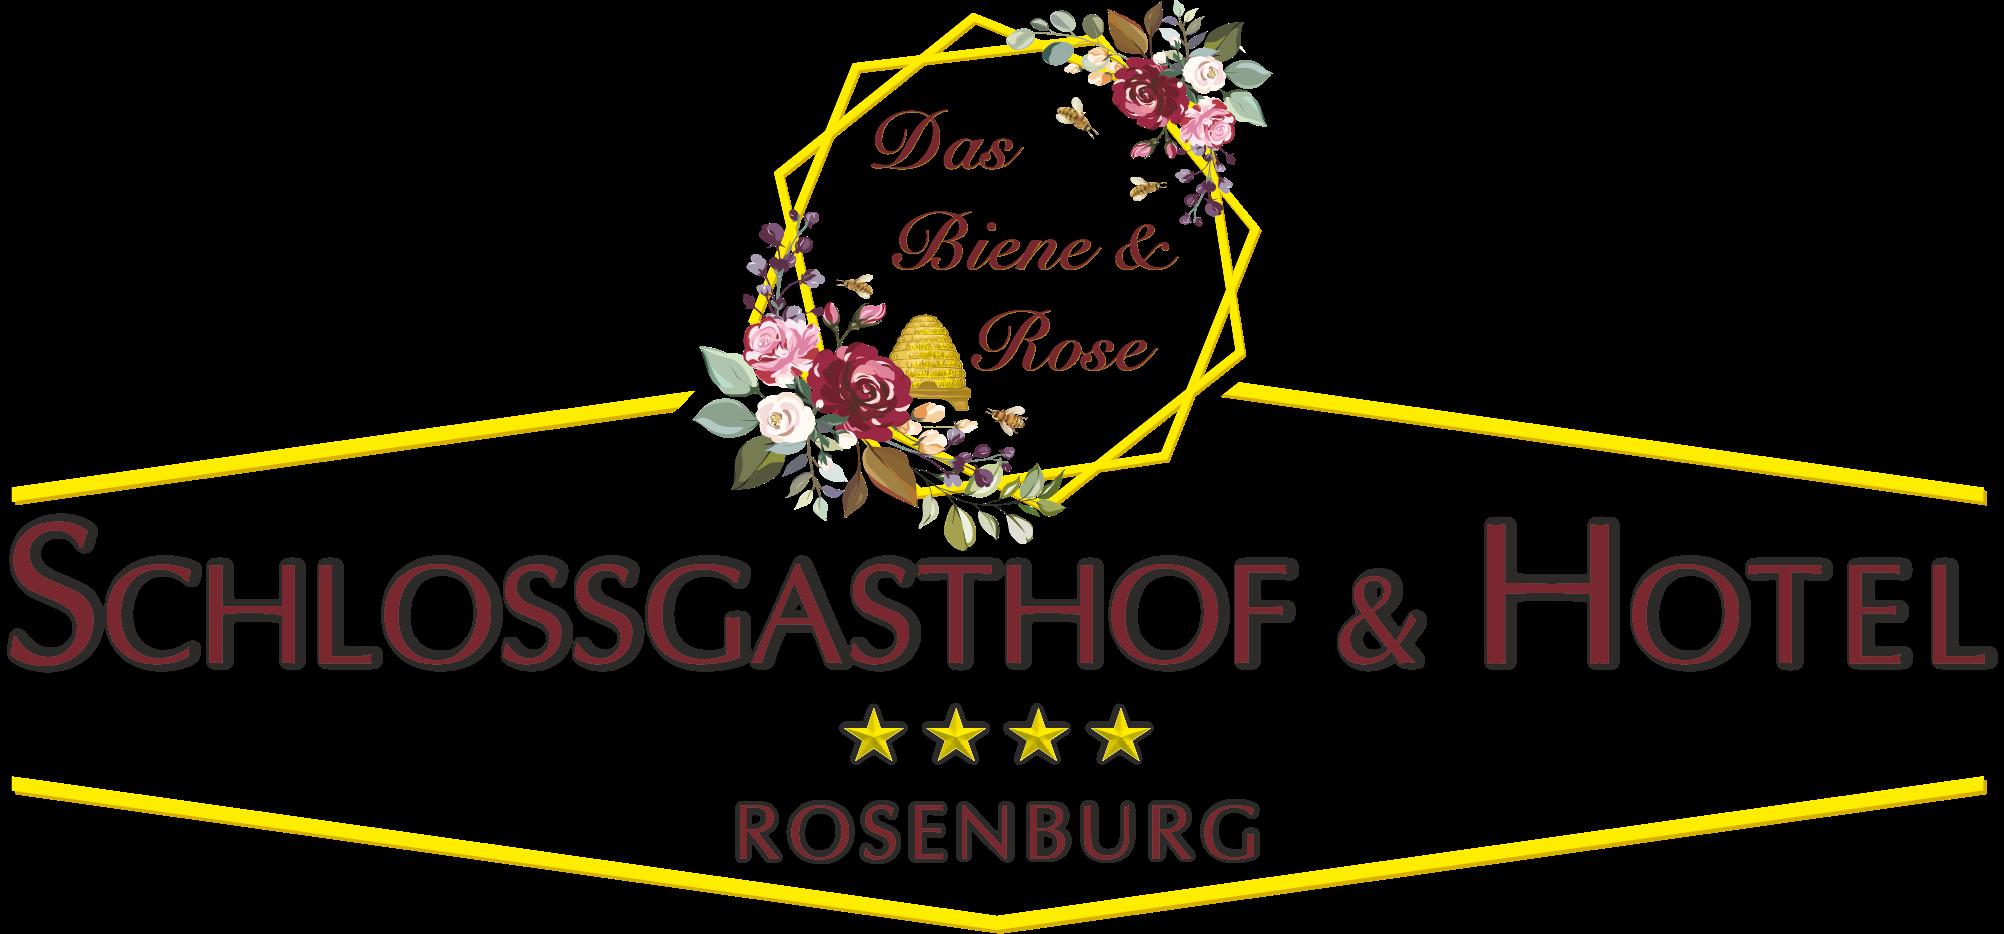 Schlossgasthof & Hotel**** Rosenburg